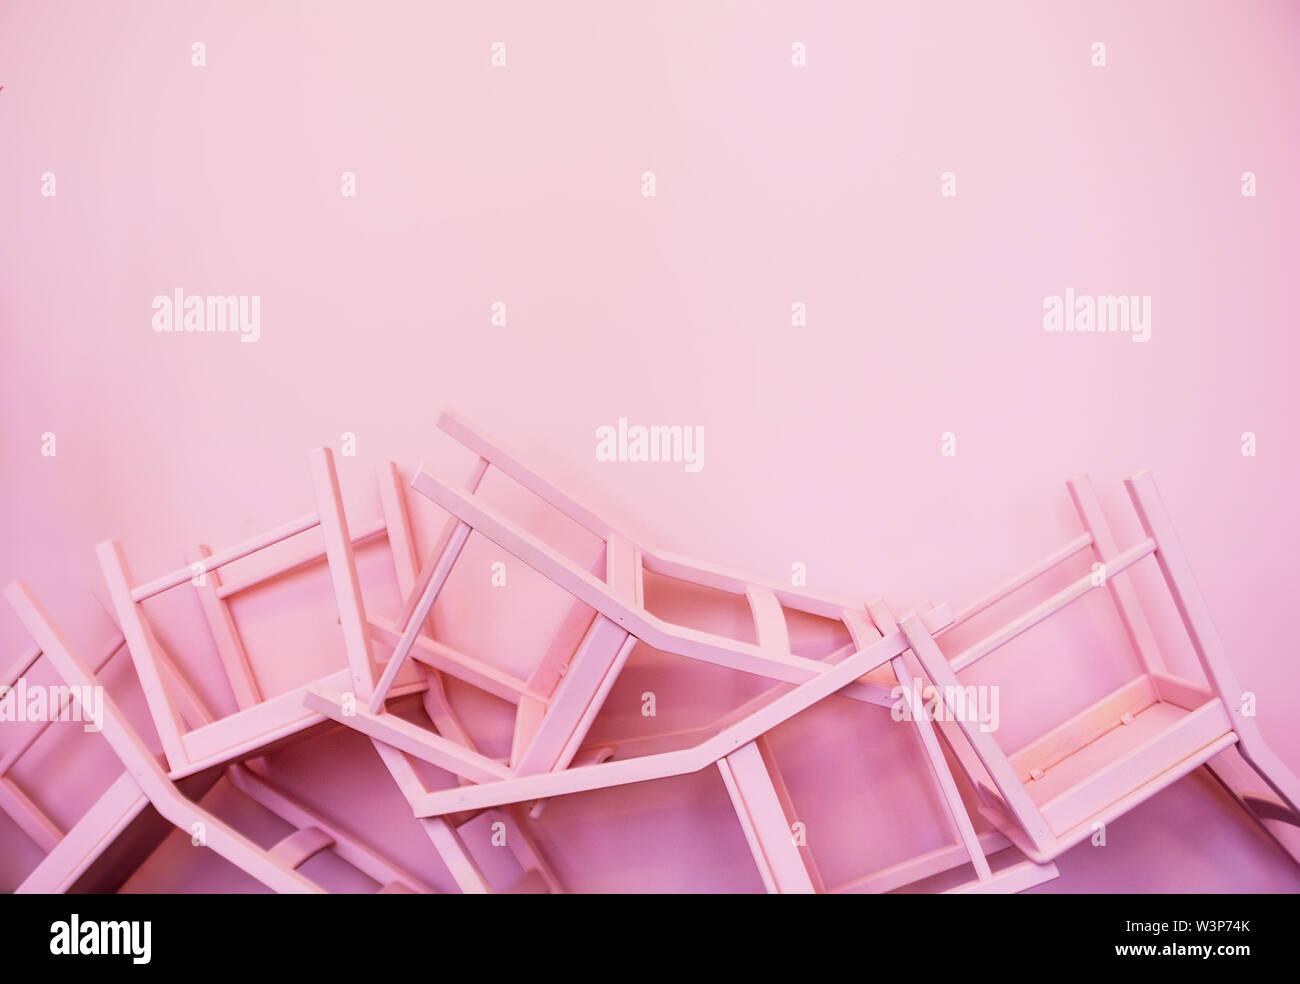 Viele rosa Stühle mit der Oberseite nach unten vor dem Hintergrund einer rosa Wand Stockfoto